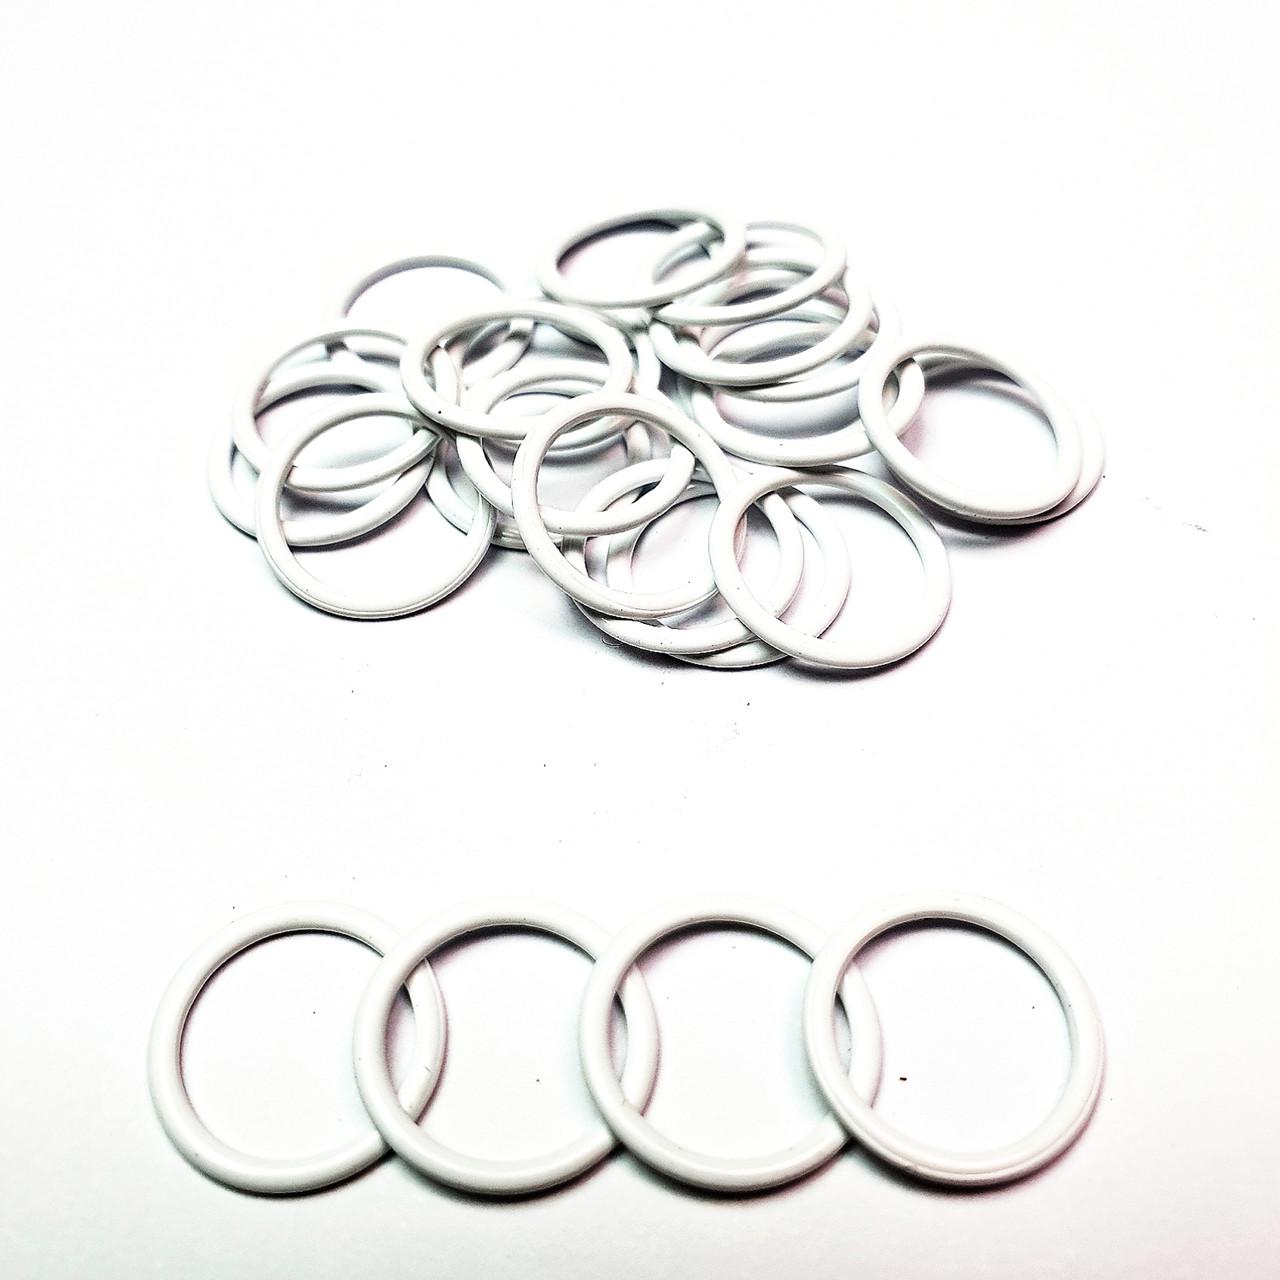 Кольцо для бюстгальтера, для бретелей, регуляторы 15мм металл белый (Крашеный эмаль) (20 шт/уп).